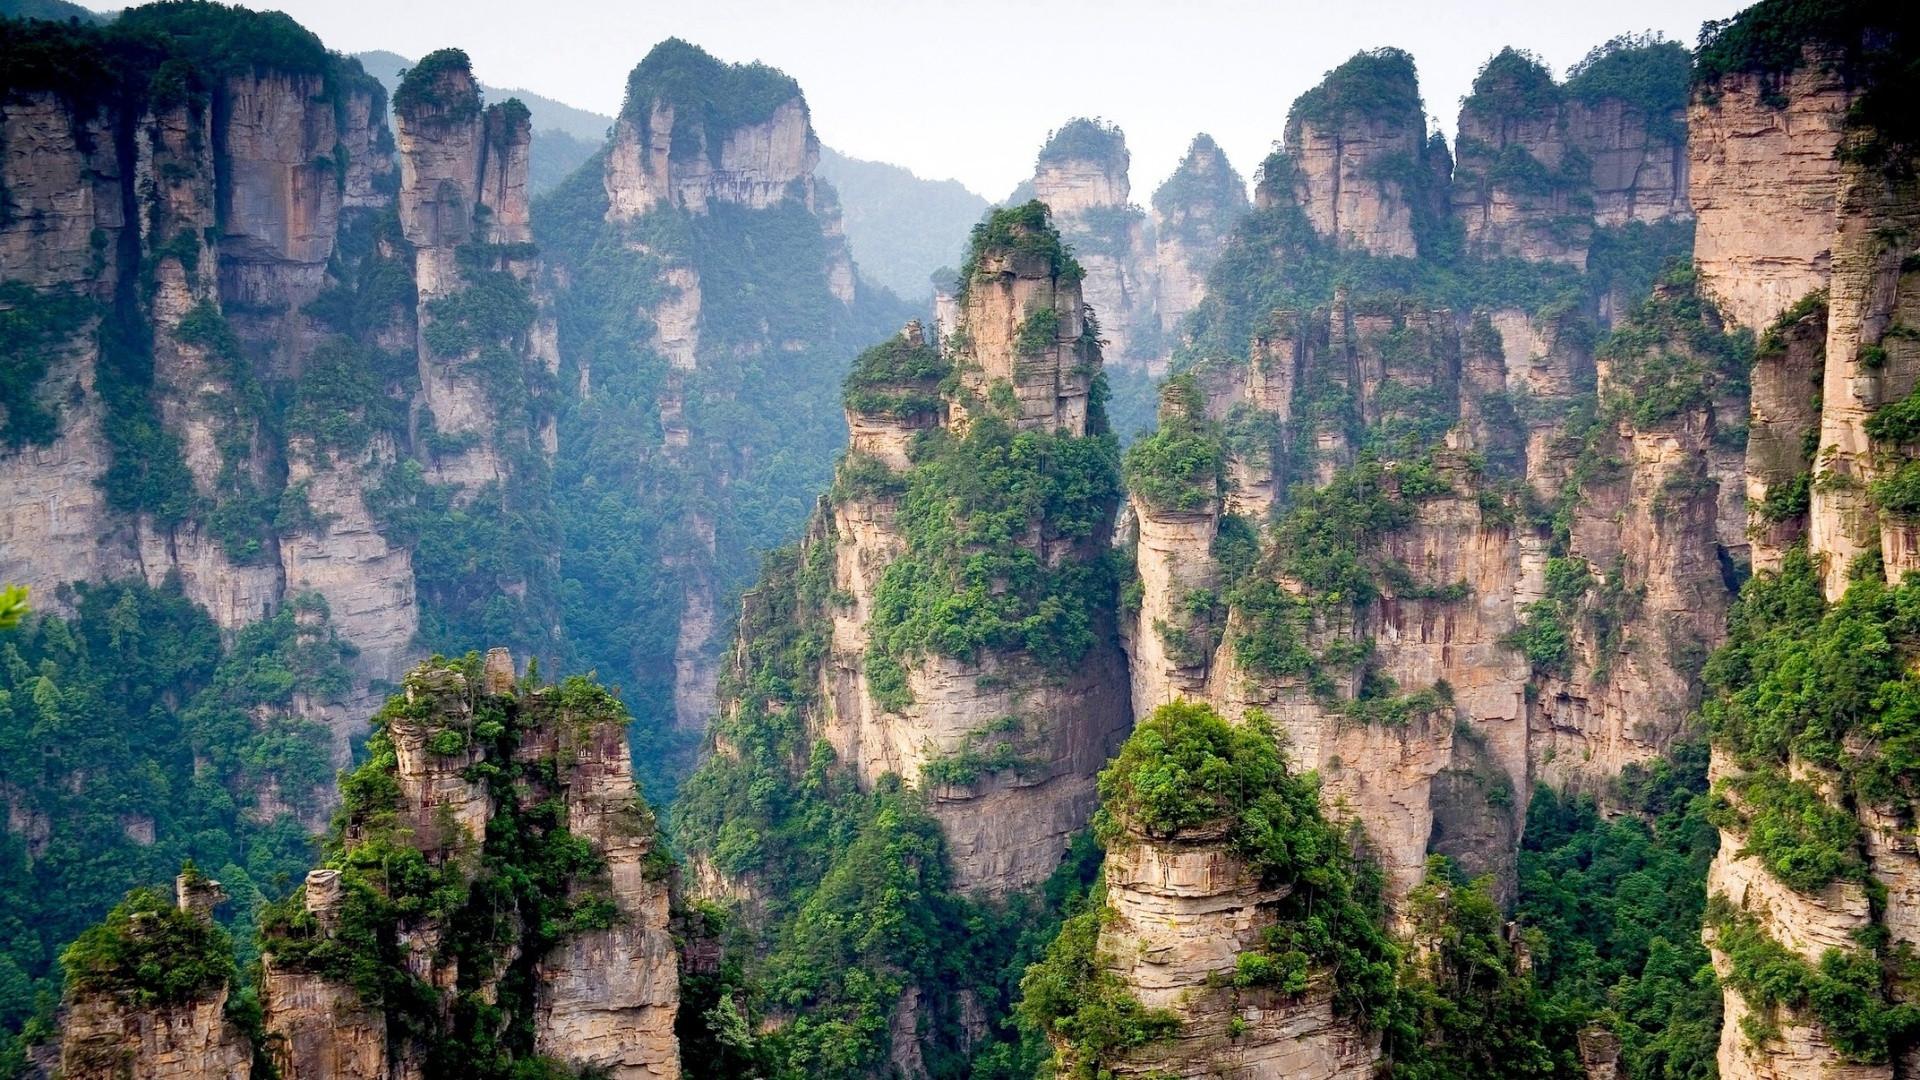 1 Tianzi Mountains in China